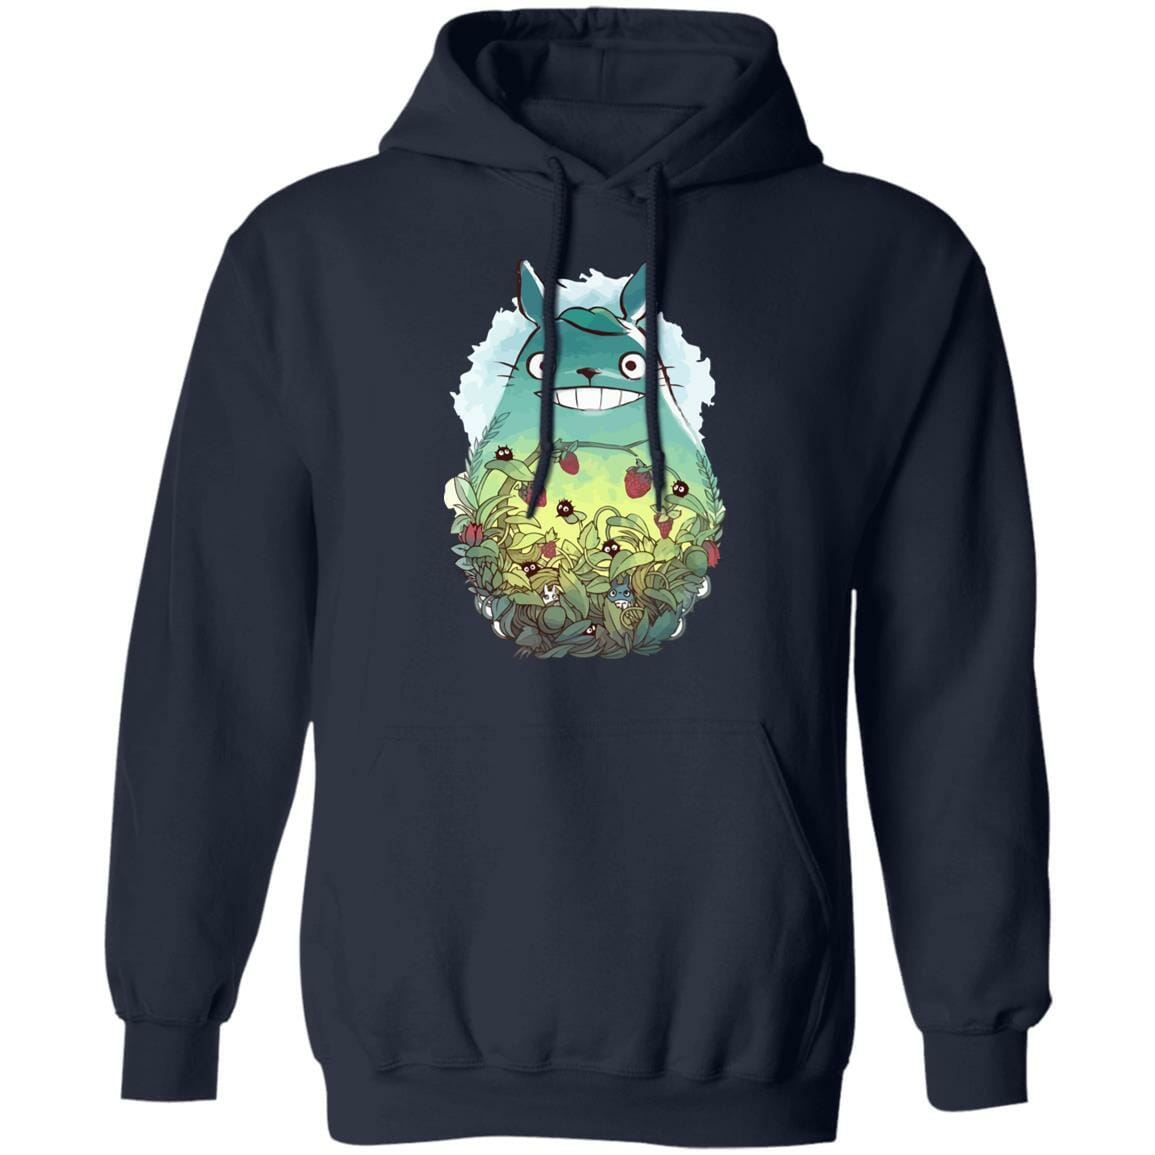 My Neighbor Totoro – Green Garden Hoodie